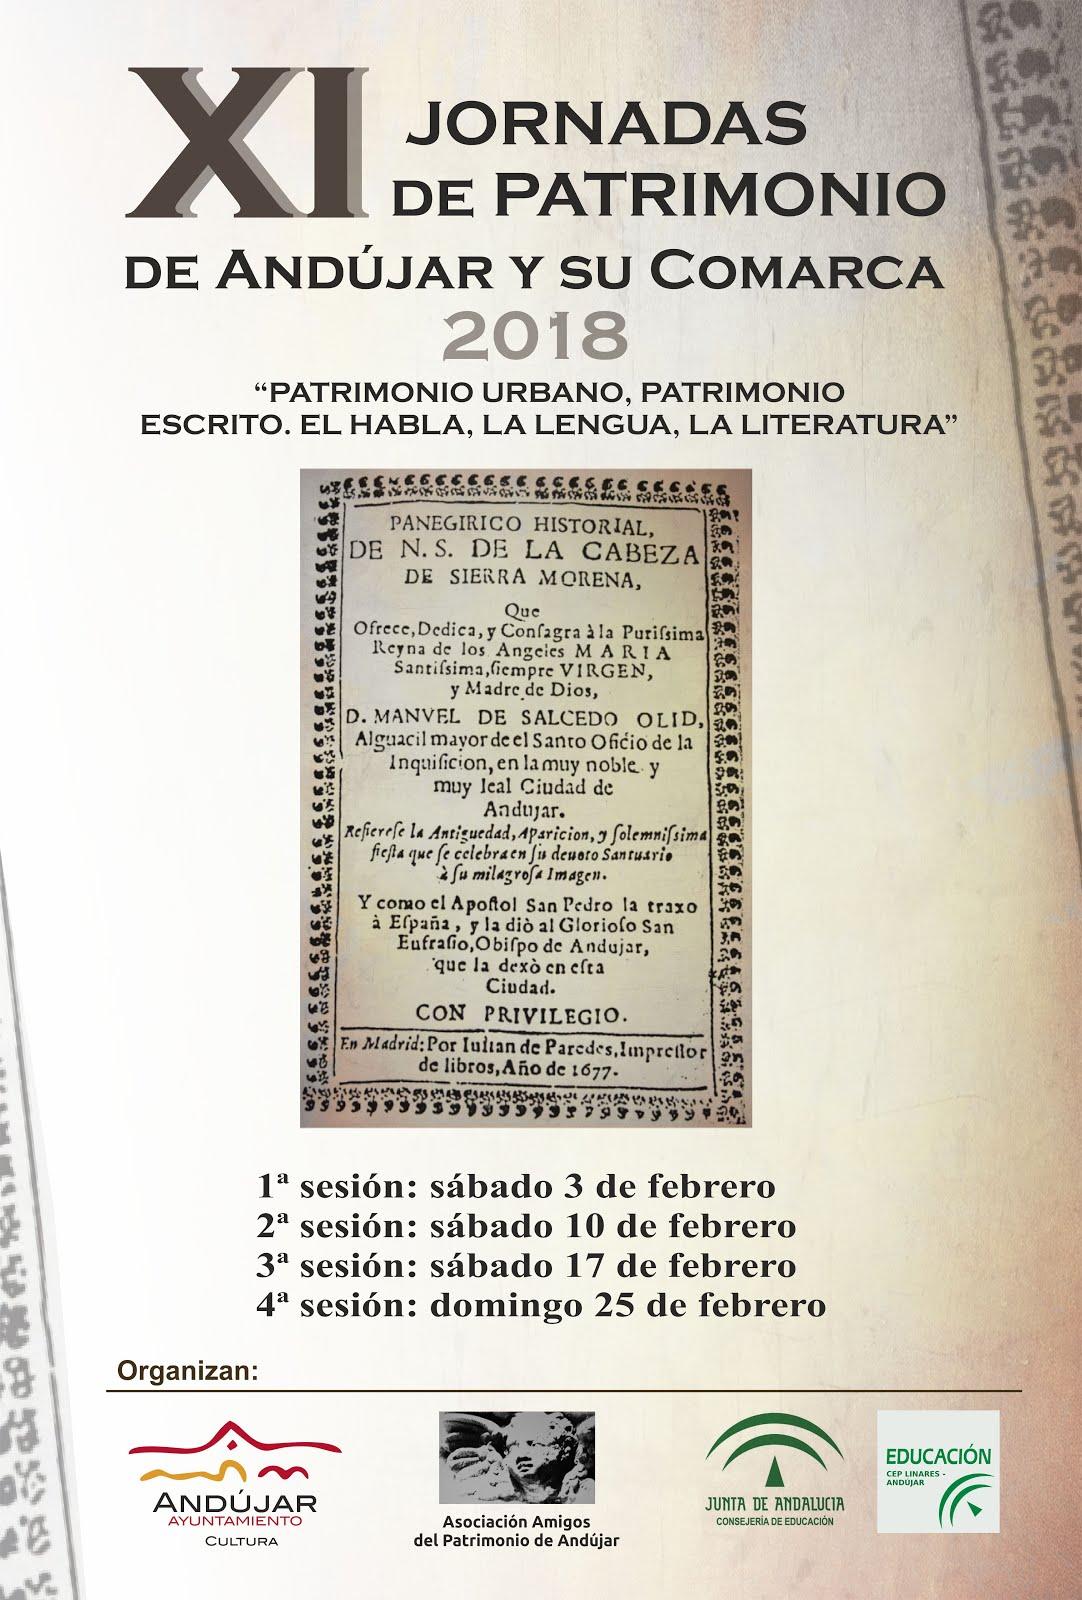 Jornadas de patrimonio de Andújar y su comarca